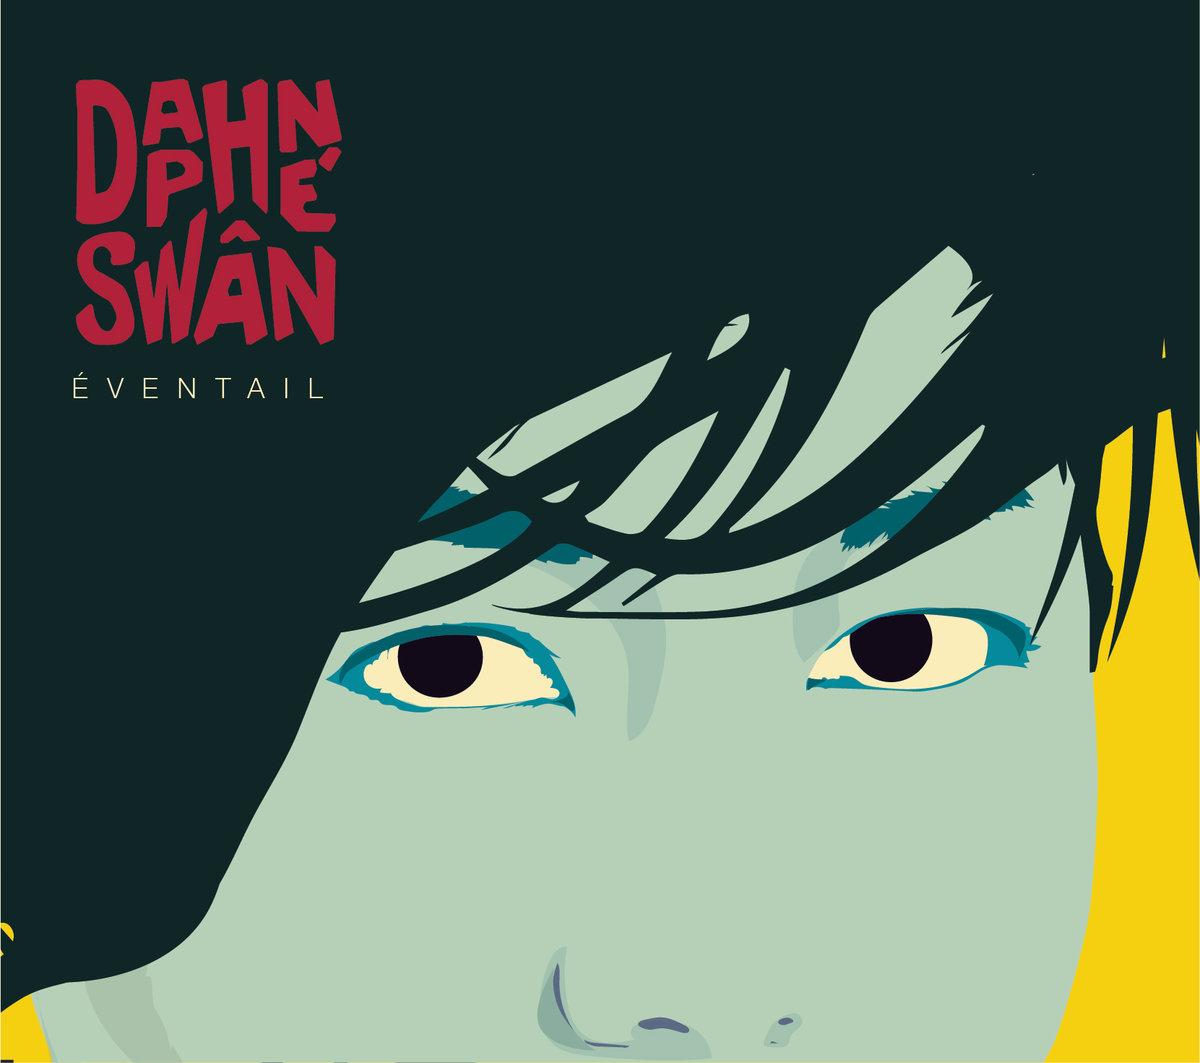 Daphne Swan Eventail